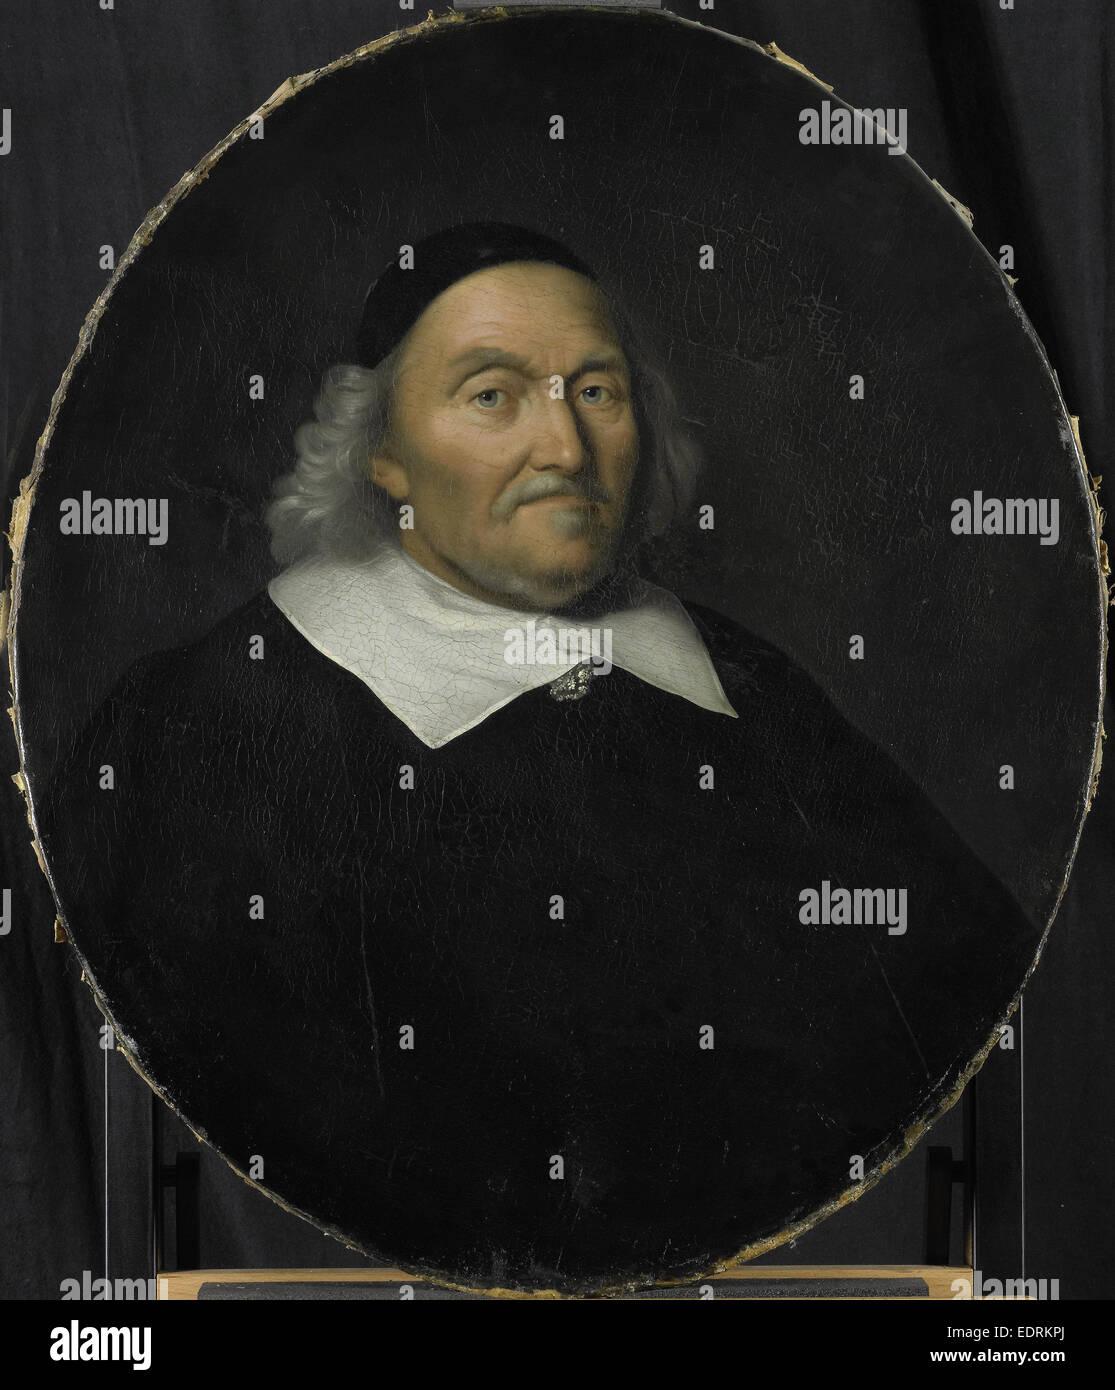 Porträt von Hendrik Nobel, Direktor der Rotterdamer Handelskammer die Niederländische Ostindien-Kompanie, Stockbild